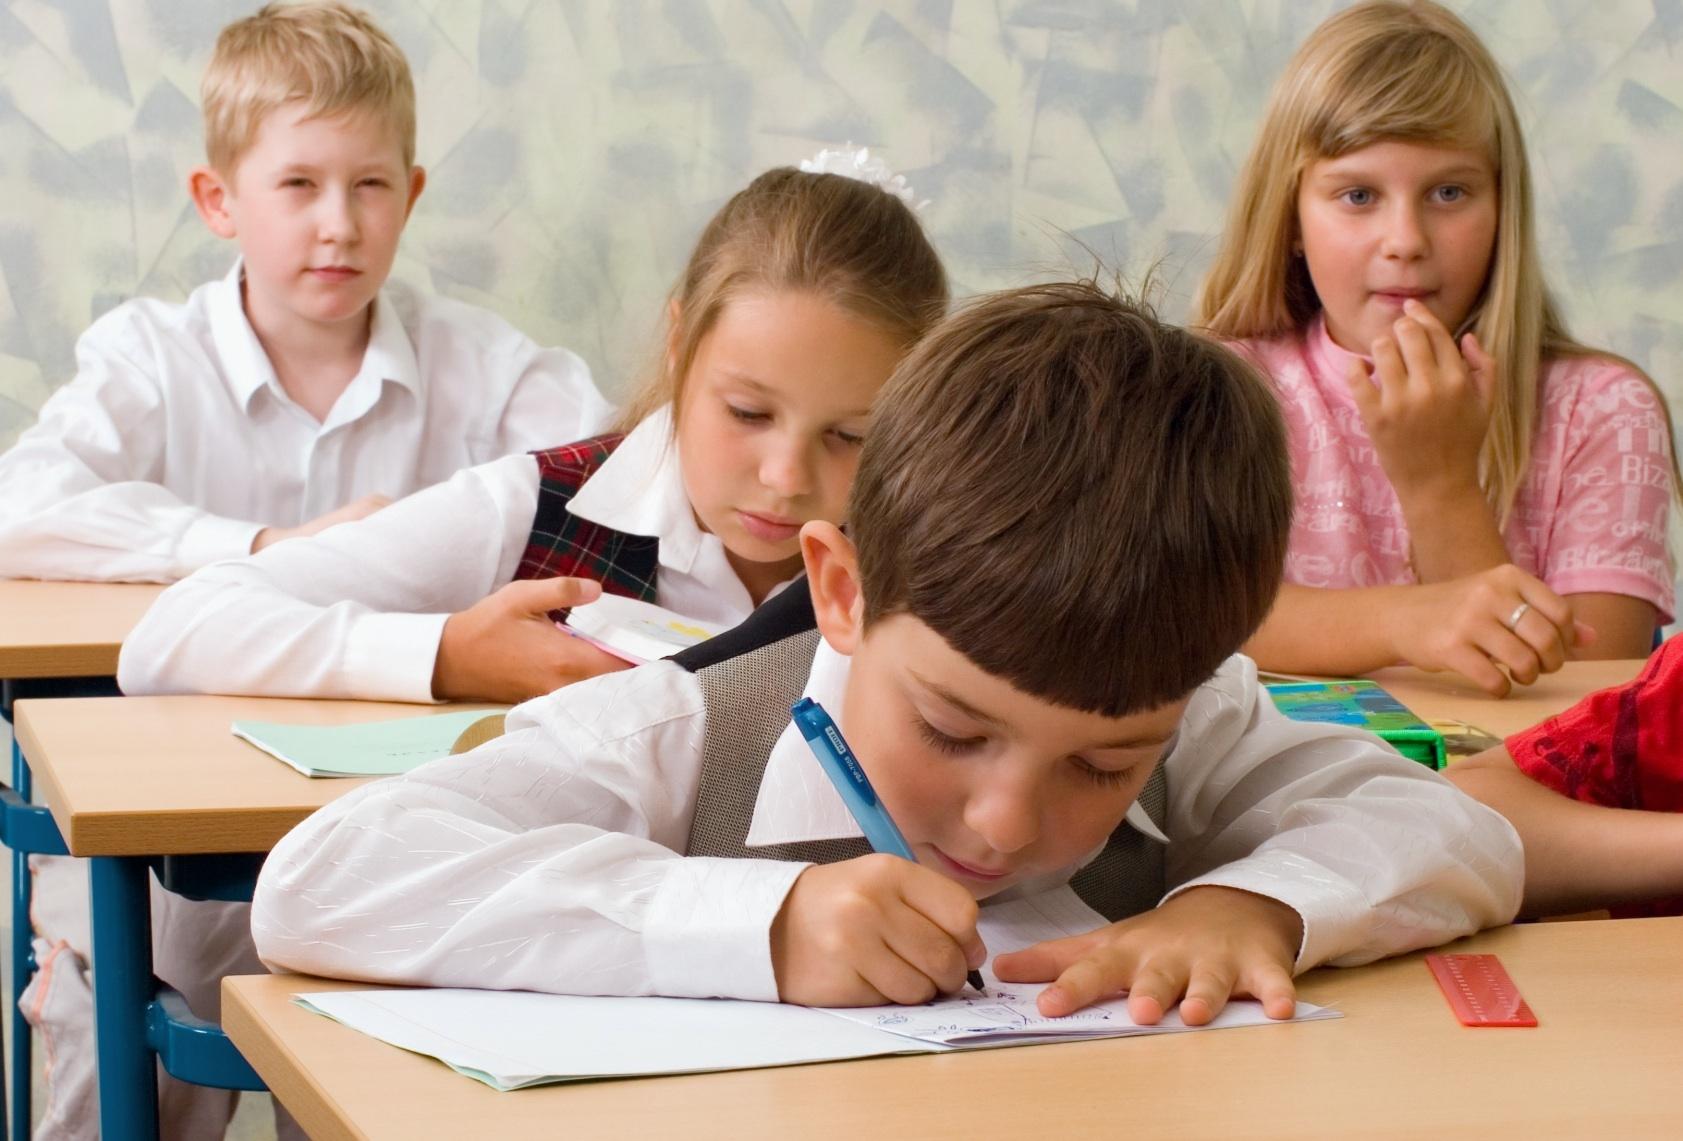 De azi, părinții pot consulta pe site-urile inspectoratelor școlare numărul de clase pregătitoare alocate fiecărei școli